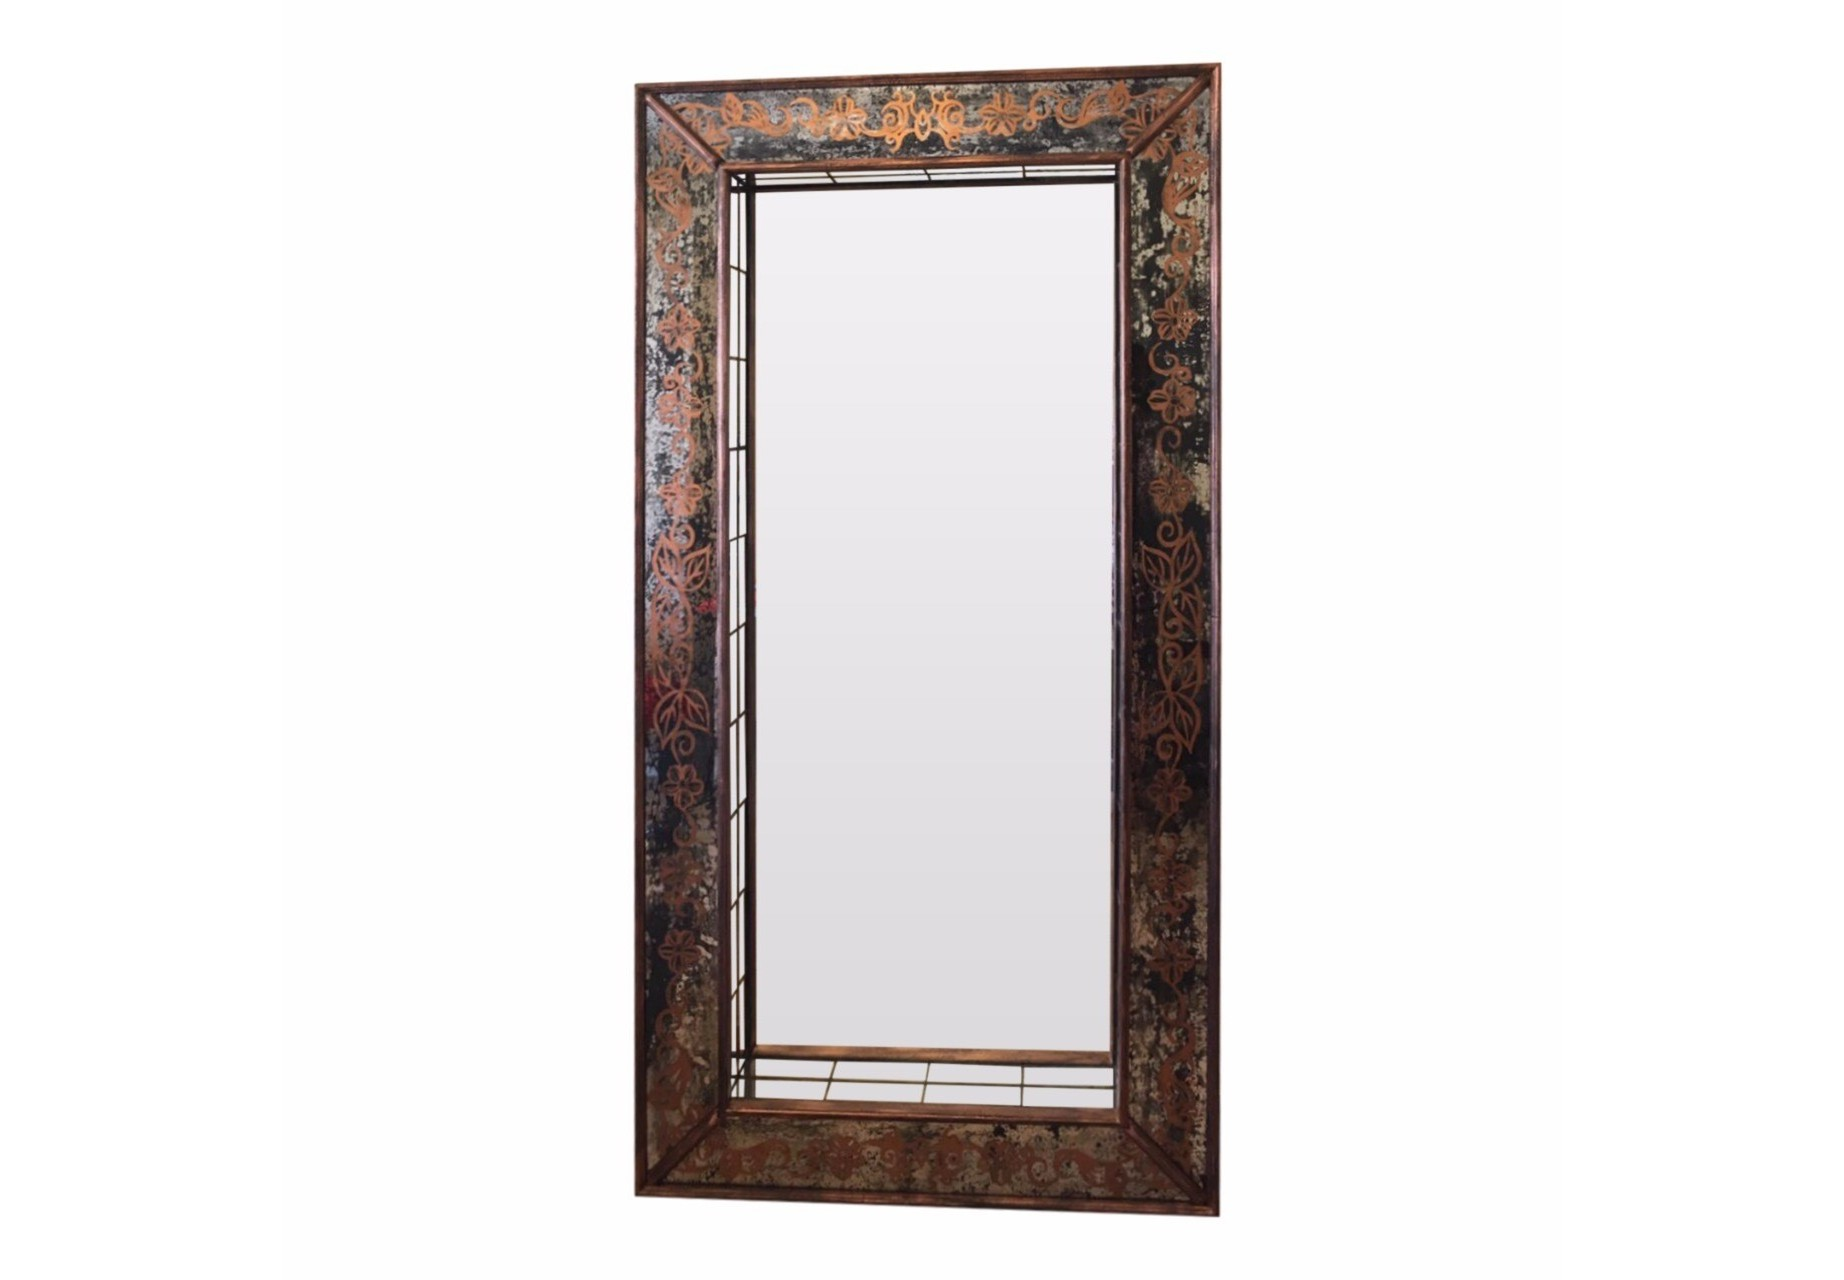 Напольное зеркало ТоржествоНапольные зеркала<br>Другого слова кроме как &amp;quot;шикарное&amp;quot; для этого напольного зеркала нет! Массив дерева, состаренные вручную зеркала, искусный орнамент, бронзовые переливы - все это делает зеркало незабываемым!&amp;amp;nbsp;&amp;lt;div&amp;gt;&amp;lt;br&amp;gt;&amp;lt;/div&amp;gt;&amp;lt;div&amp;gt;Само зеркальное полотно посажено вглубь на 11 см и выложено по контуру зеркальными прямоугольными кирпичиками. Этот прием позволяет придать зеркалу объем и получить дополнительные боковые отражения.&amp;amp;nbsp;&amp;lt;/div&amp;gt;&amp;lt;div&amp;gt;Зеркало изготовлено специалистами зеркальной мастерской на территории России, использован ручной труд. &amp;lt;/div&amp;gt;<br><br>Material: Дерево<br>Ширина см: 100.0<br>Высота см: 200.0<br>Глубина см: 4.0